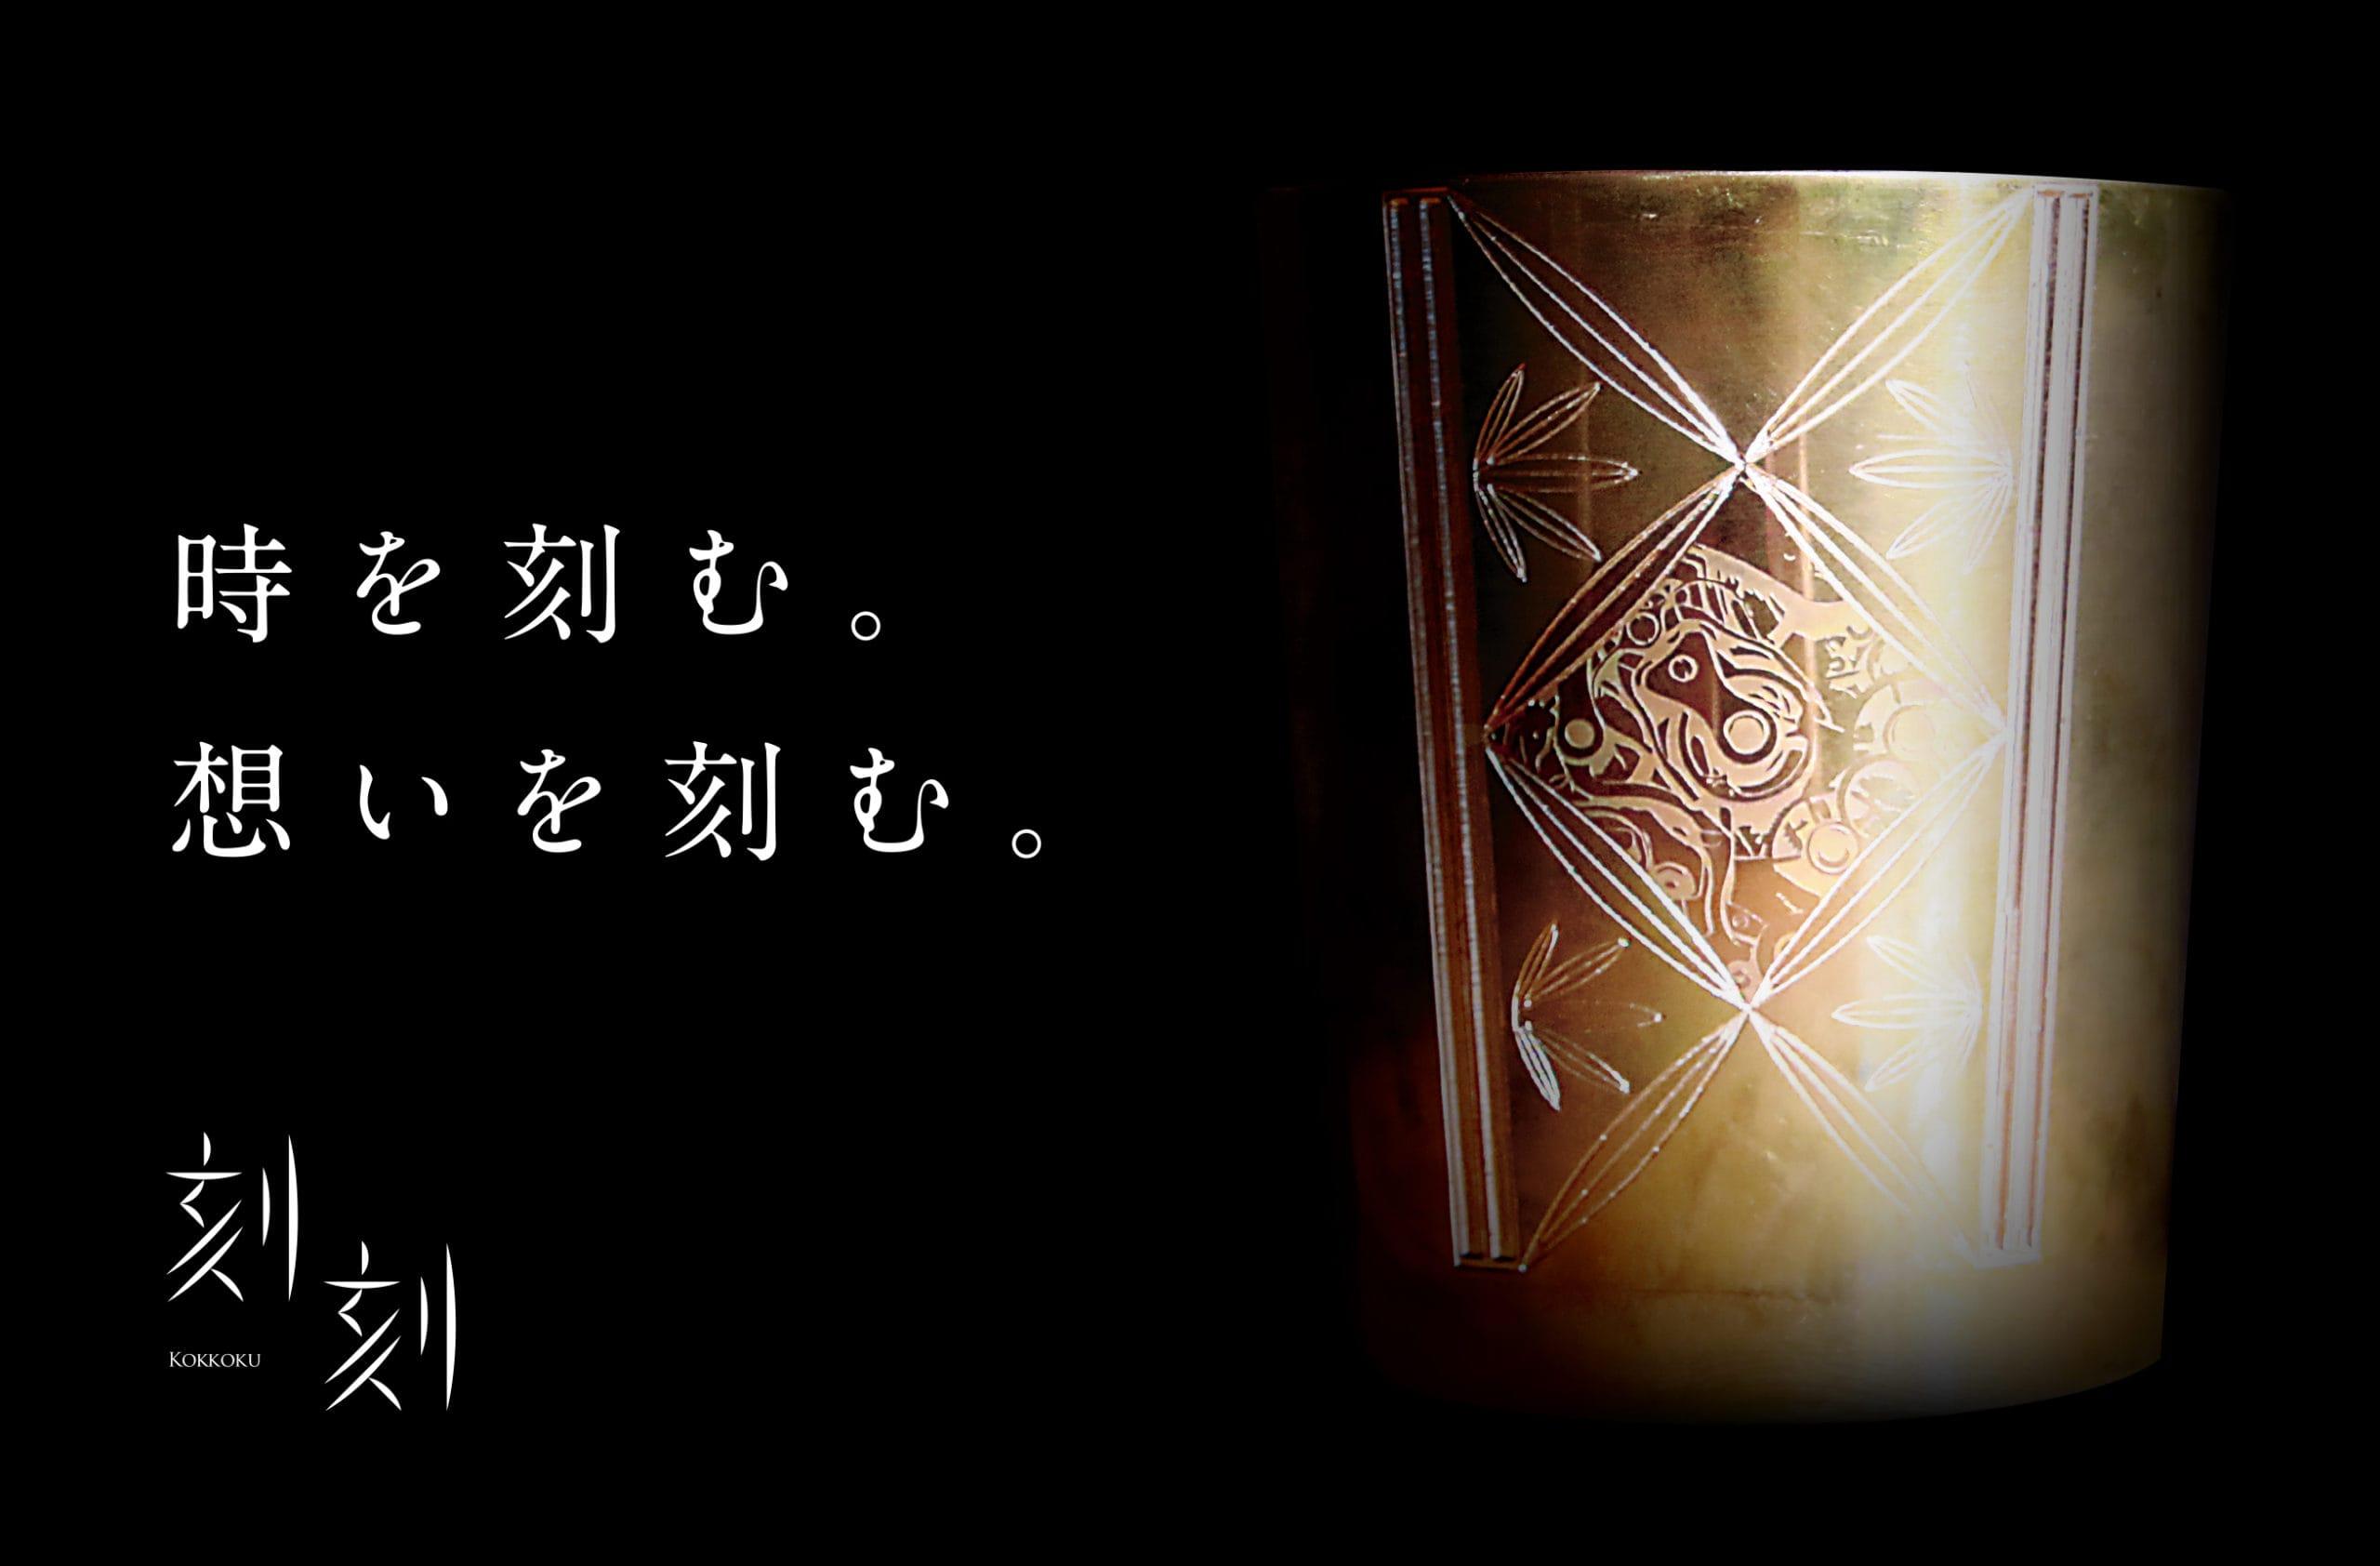 特殊阿部製版所「金切子プロジェクト」